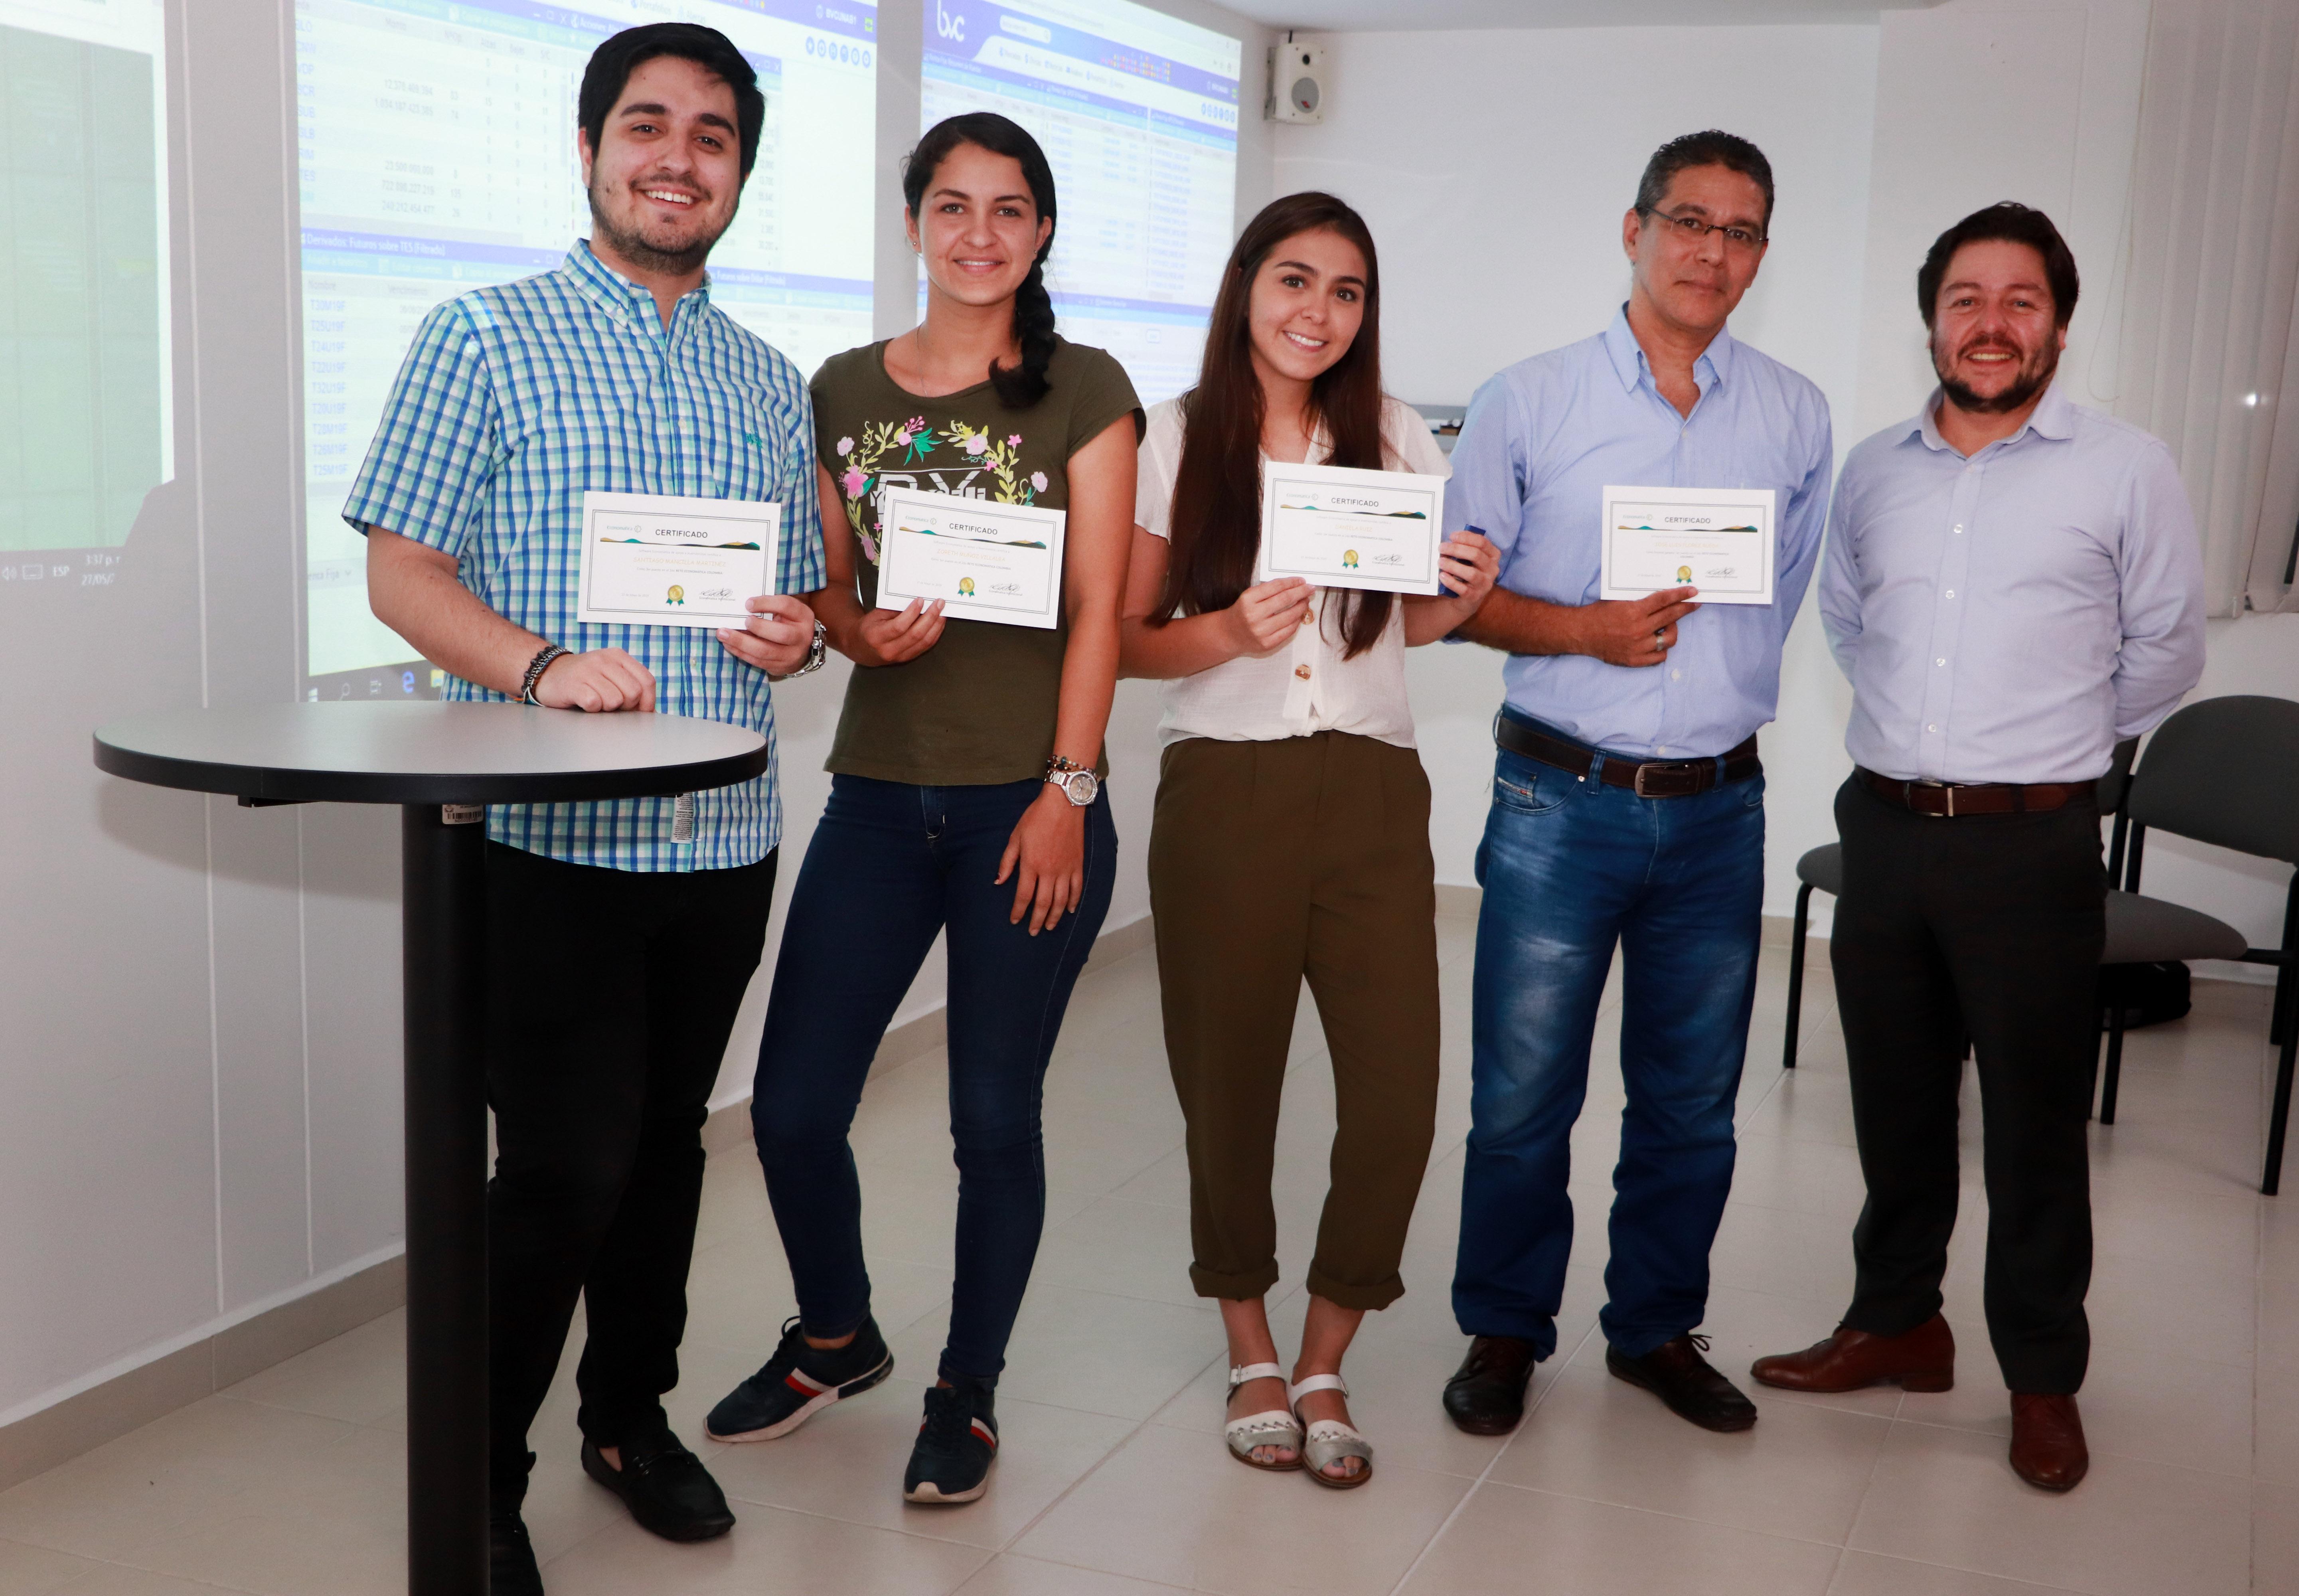 Estudiantes de Ingeniería Financiera UNAB ganan concurso nacional